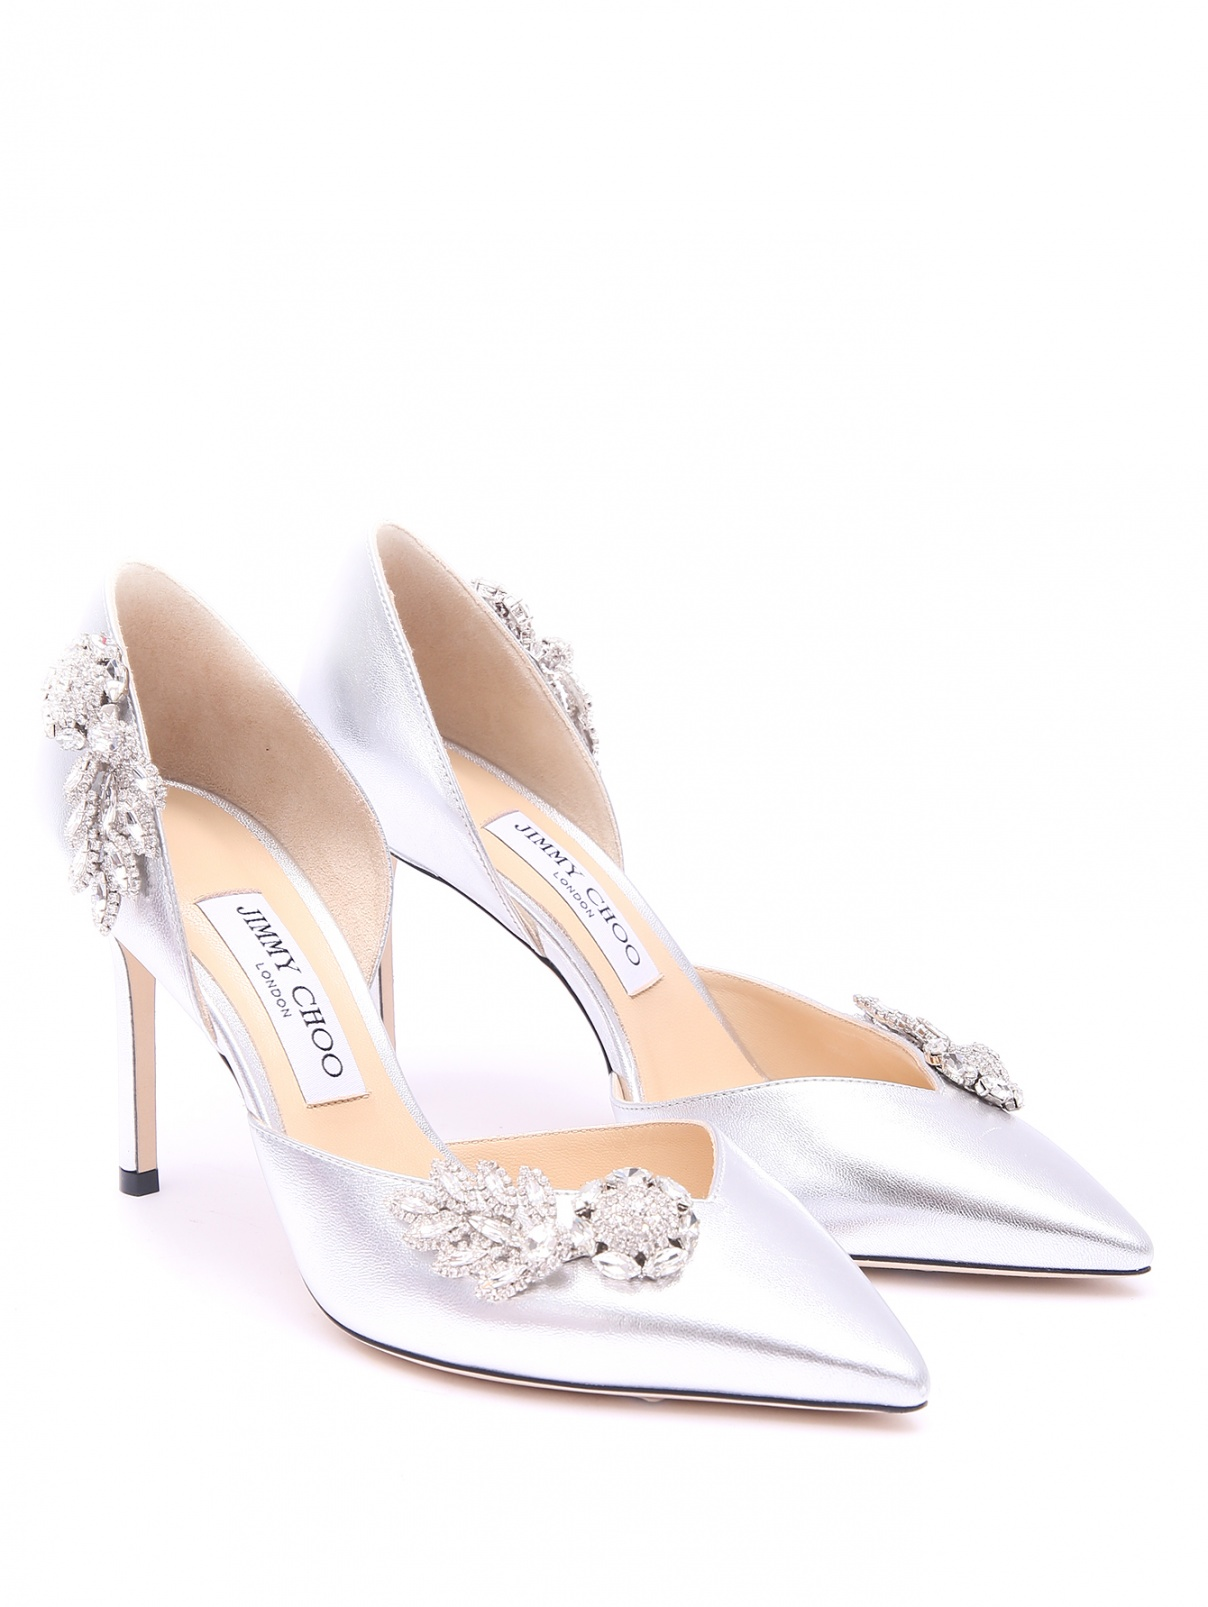 Туфли из кожи декорированные кристаллами Jimmy Choo  –  Общий вид